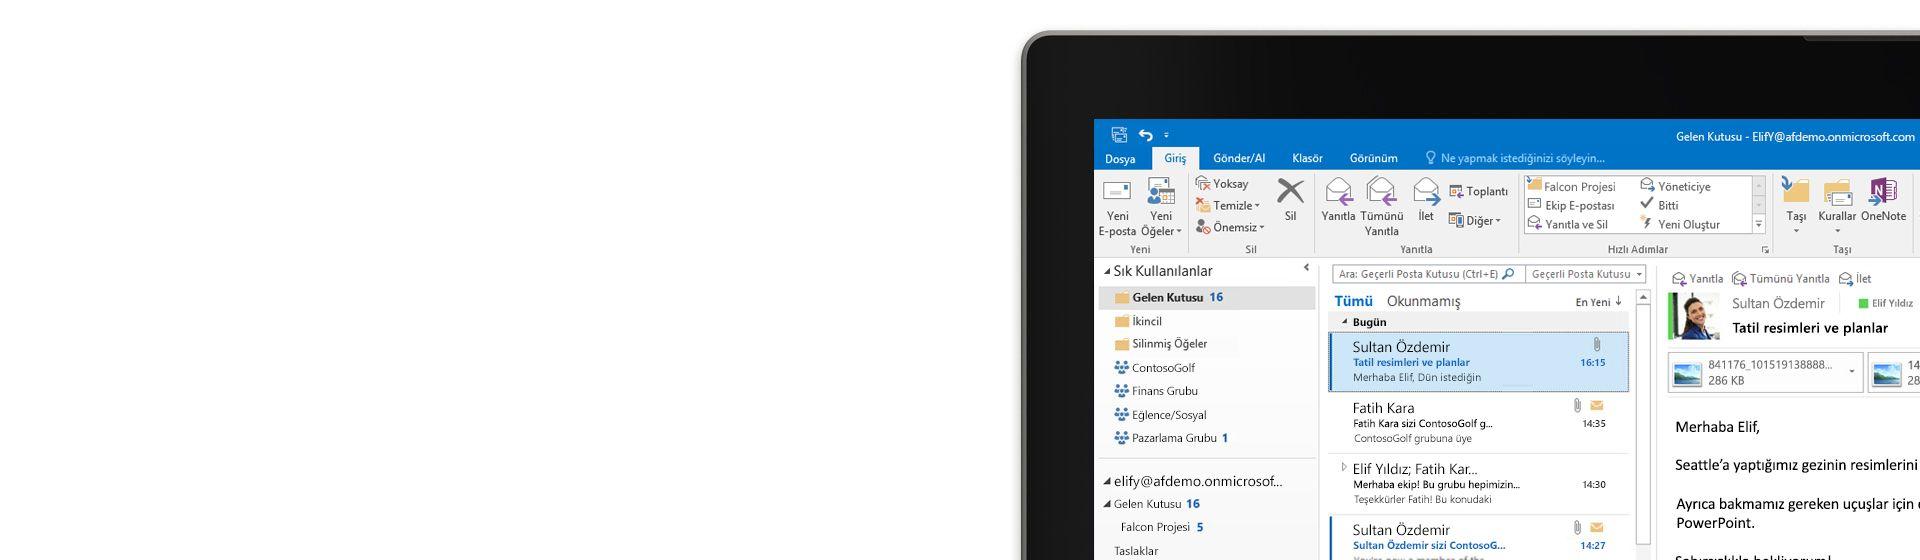 Microsoft Outlook'un masaüstü sürümünün kısmi görünümü